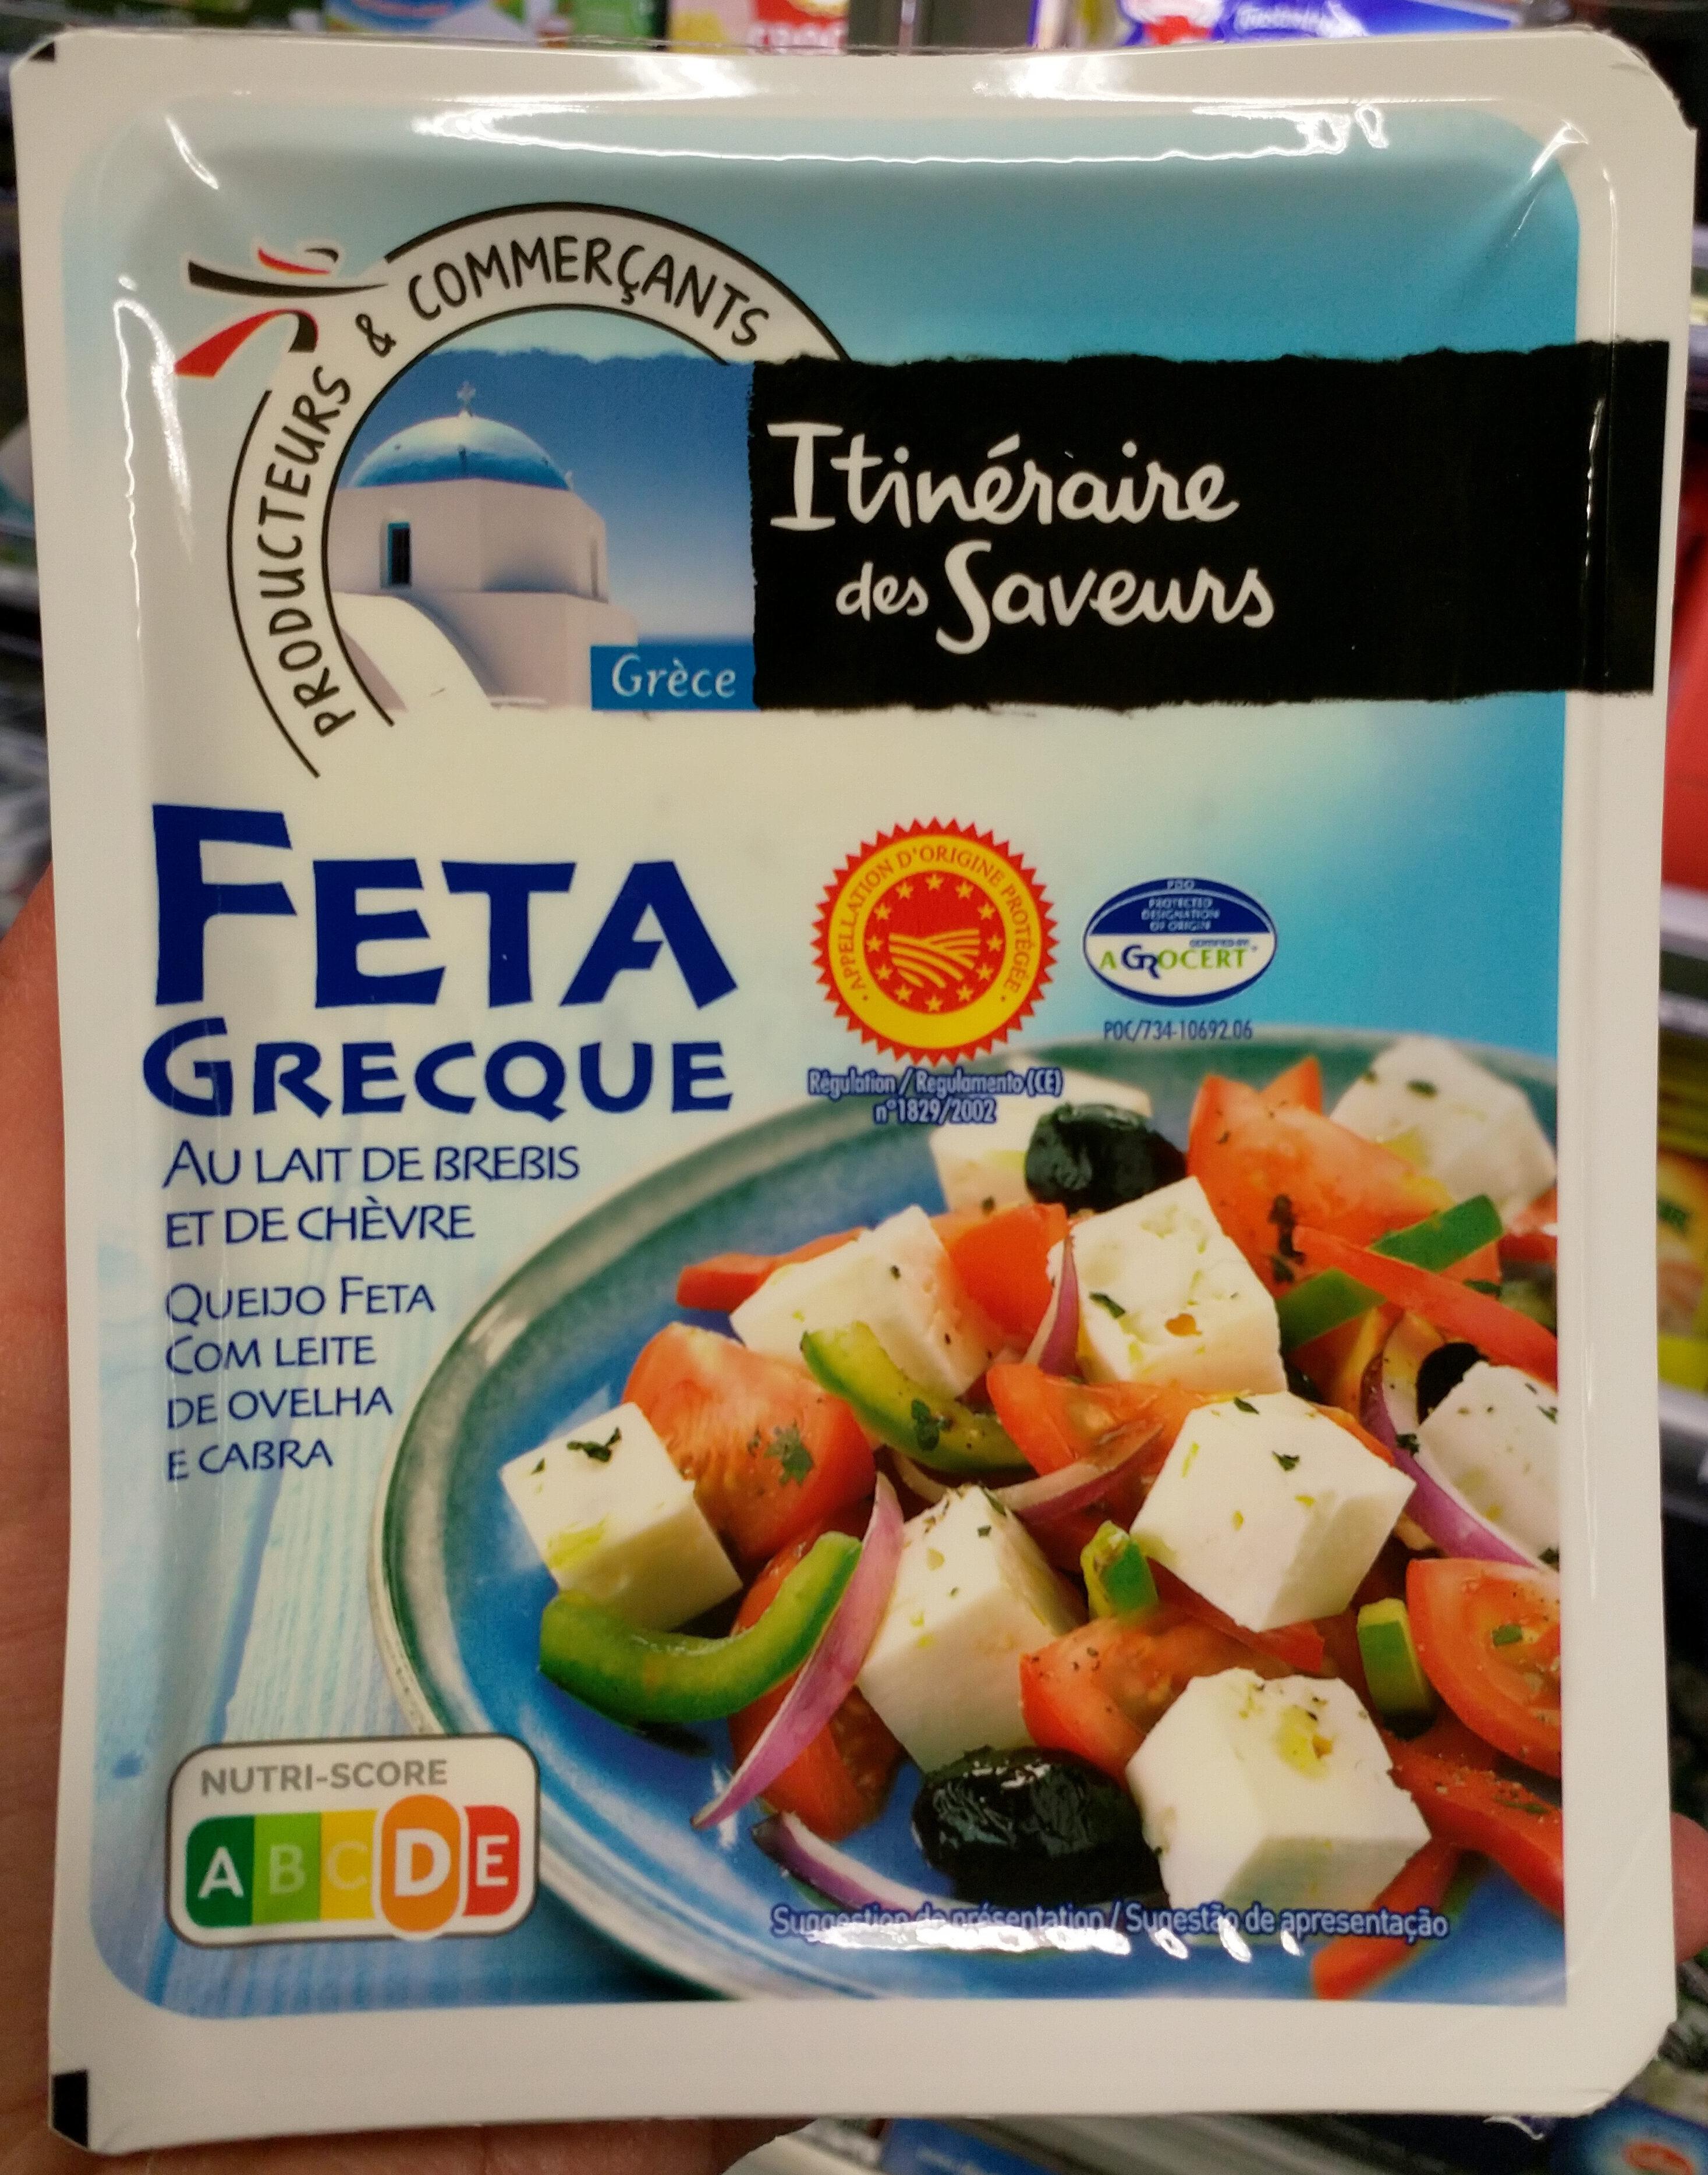 Feta grecque - Product - fr